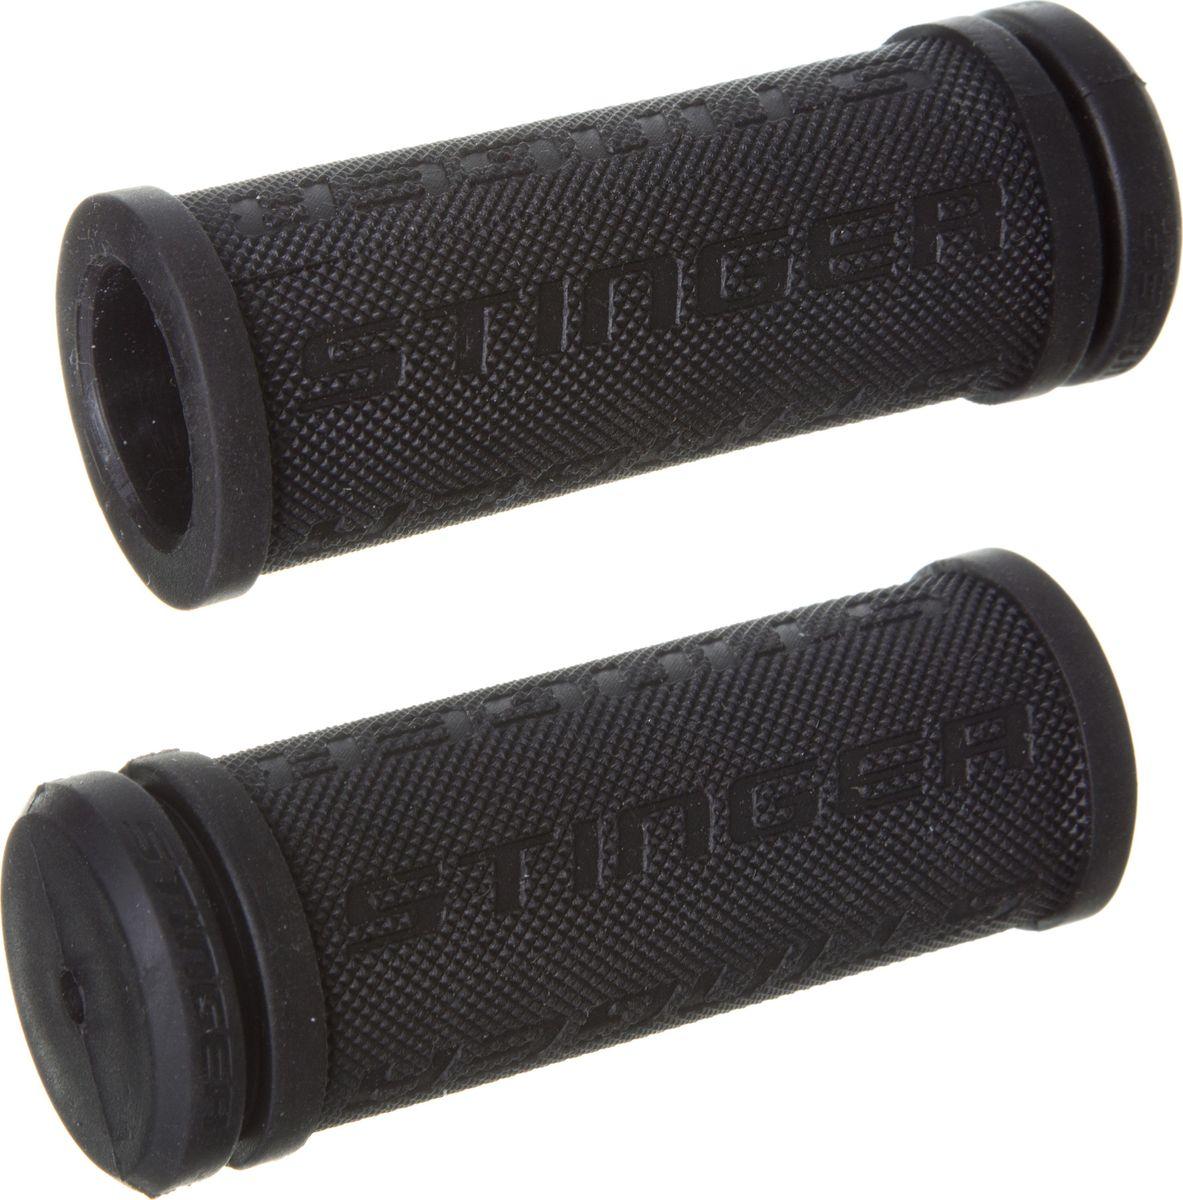 Грипсы STG HL-G92-1 BK, цвет: черный, 76 мм, 2 штХ82240Грипсы STG HL-G92-1 BK выполнены из мягкой двухкомпонентной резины. Рельефная текстура обеспечивает отличное сцепление. Грипсы предназначены для более удобного управления велосипедом.Длина грипс: 76 мм.